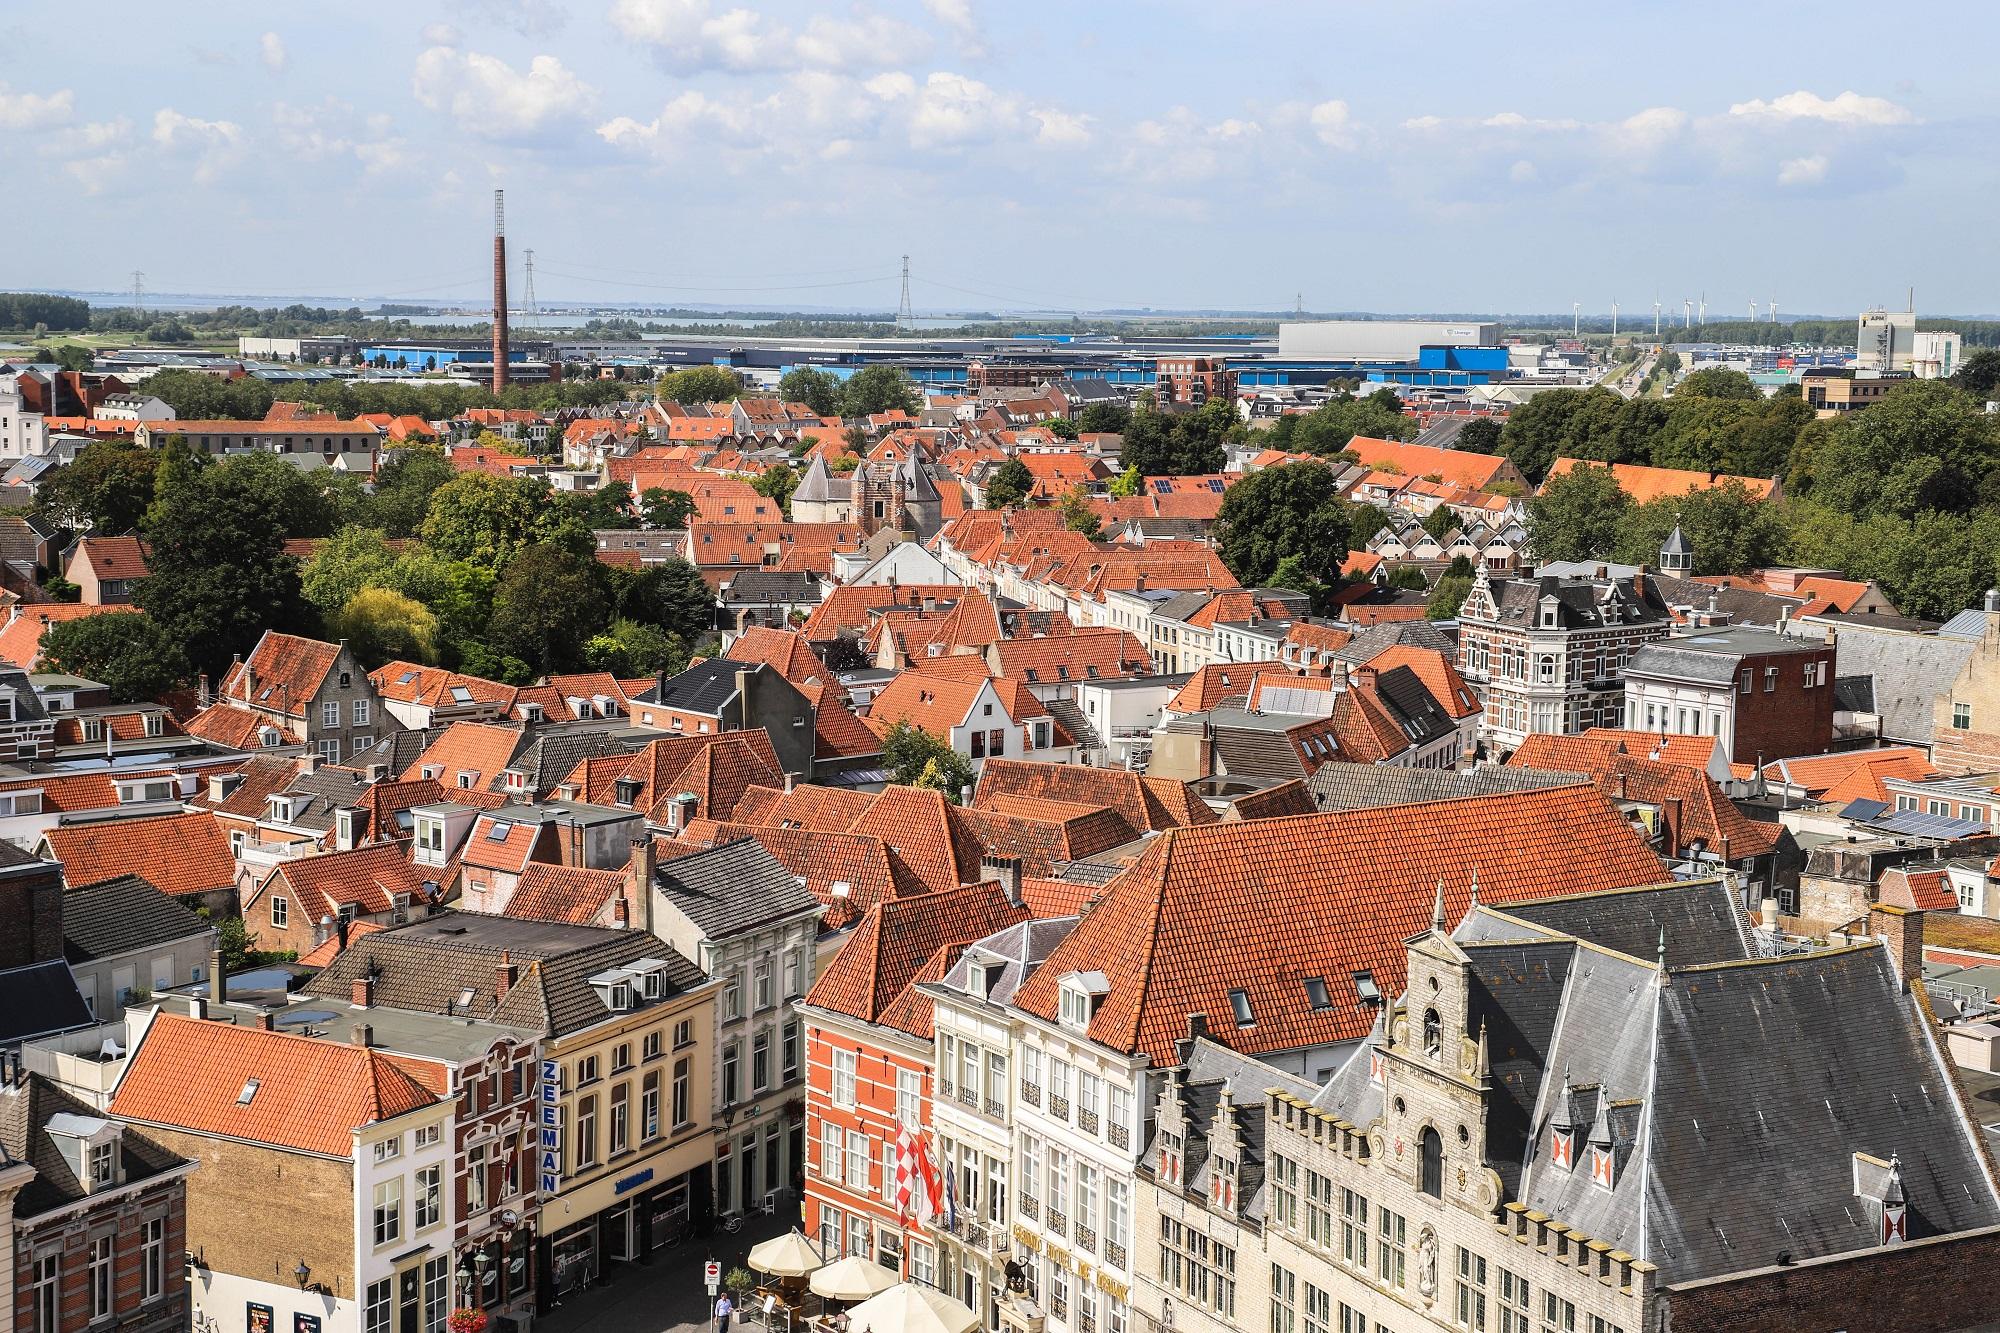 uitzicht peperbus postcodes bergen op zoom centrum Peperbus grote markt overzicht terras uitzicht monumenten spirtus markiezenhof